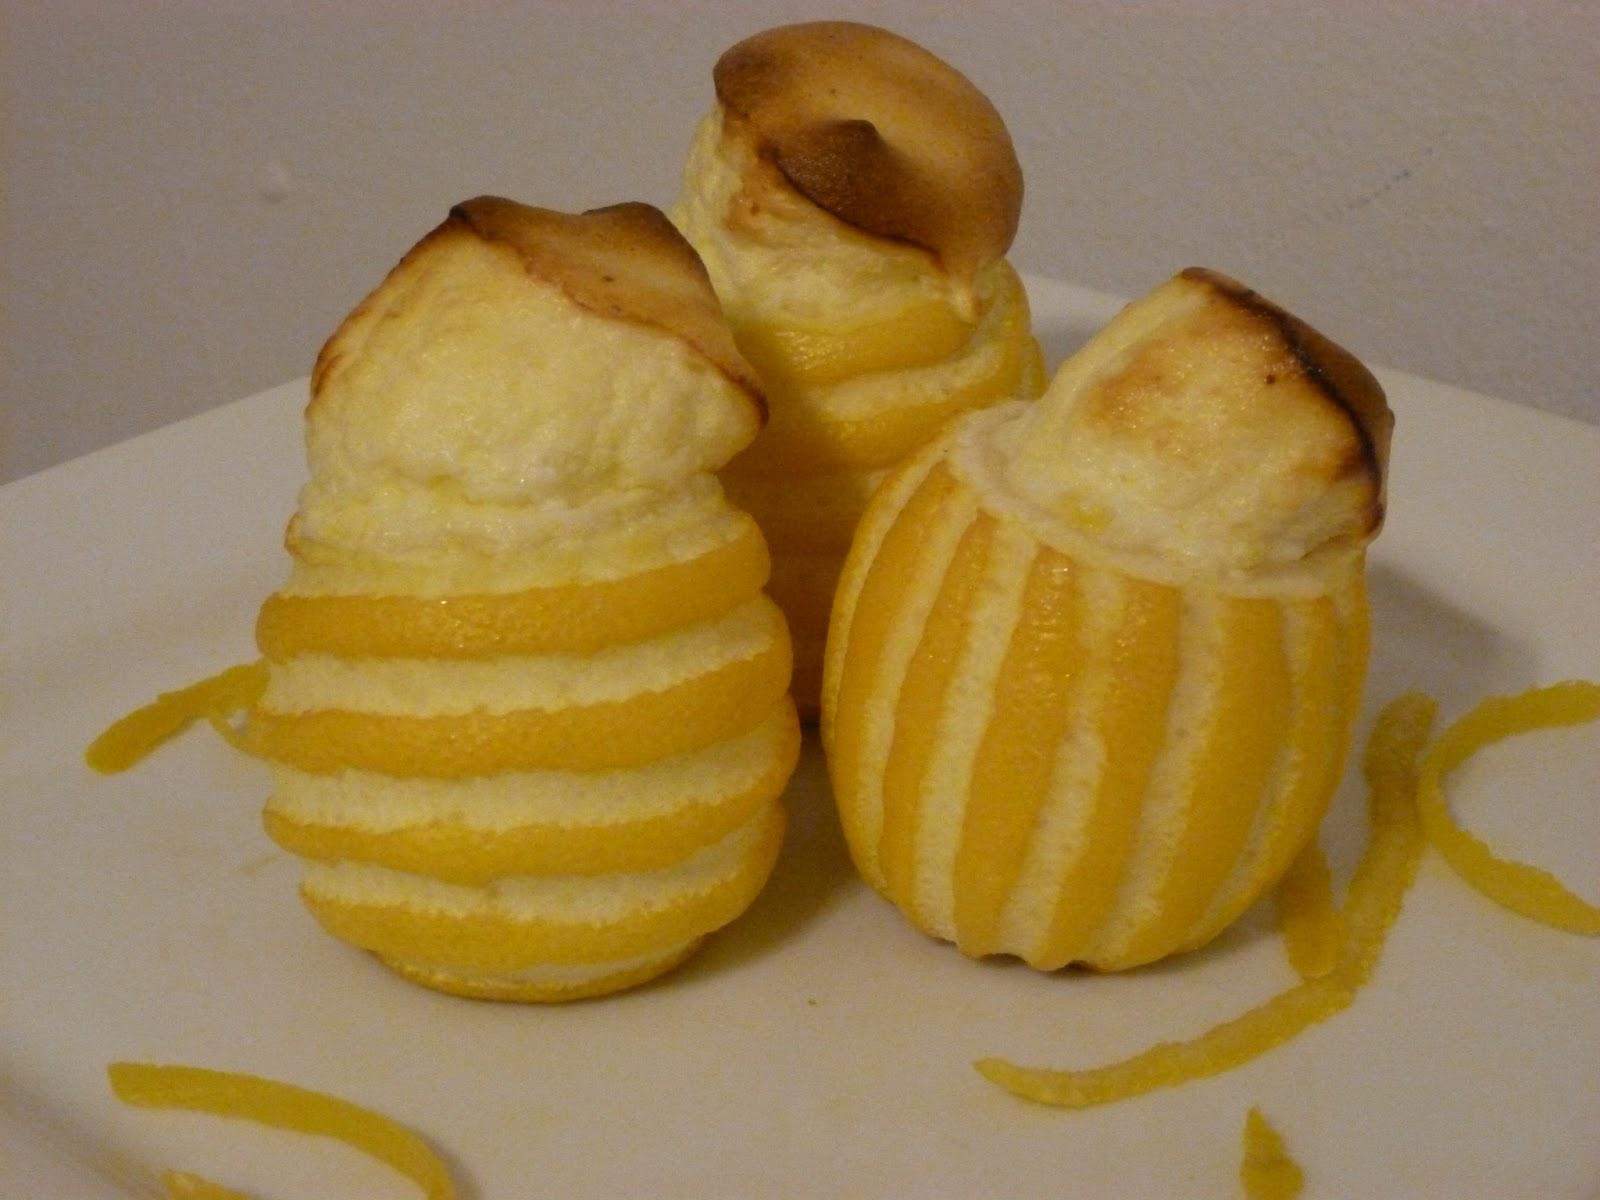 this little lemon souffle has with stout little lemons little lemon ...